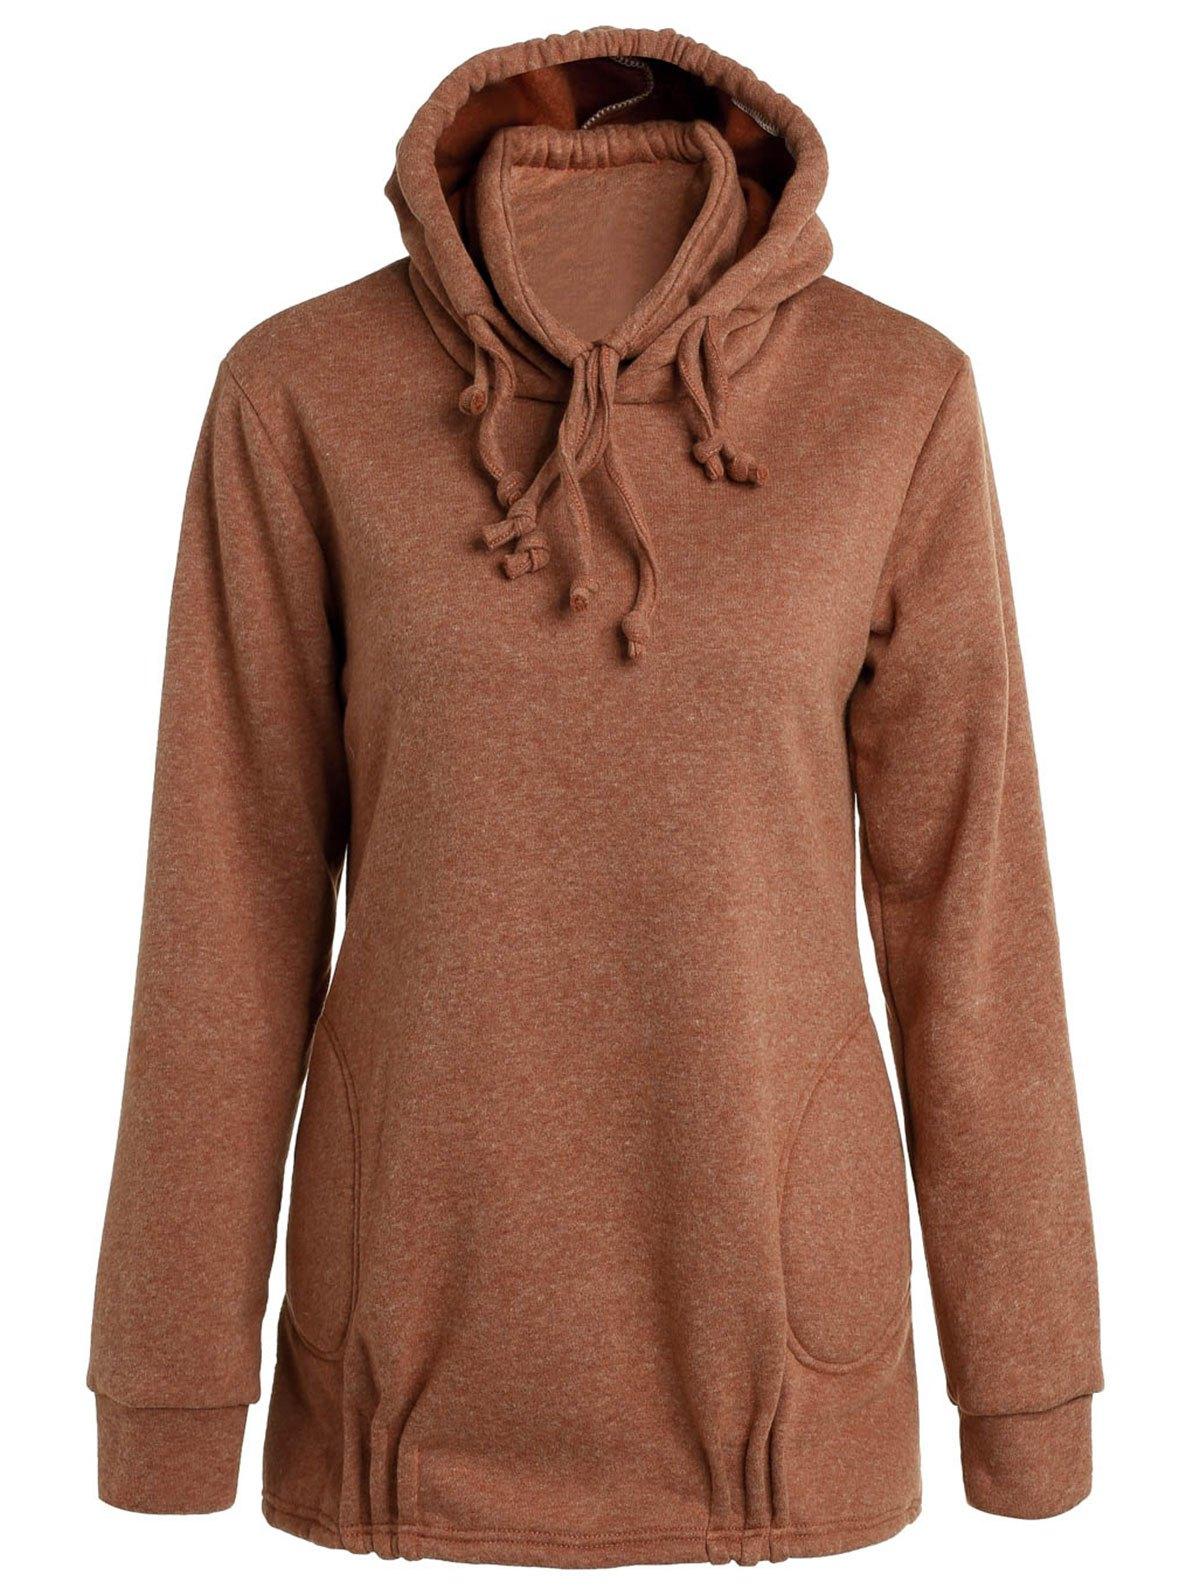 Brown pullover hoodie